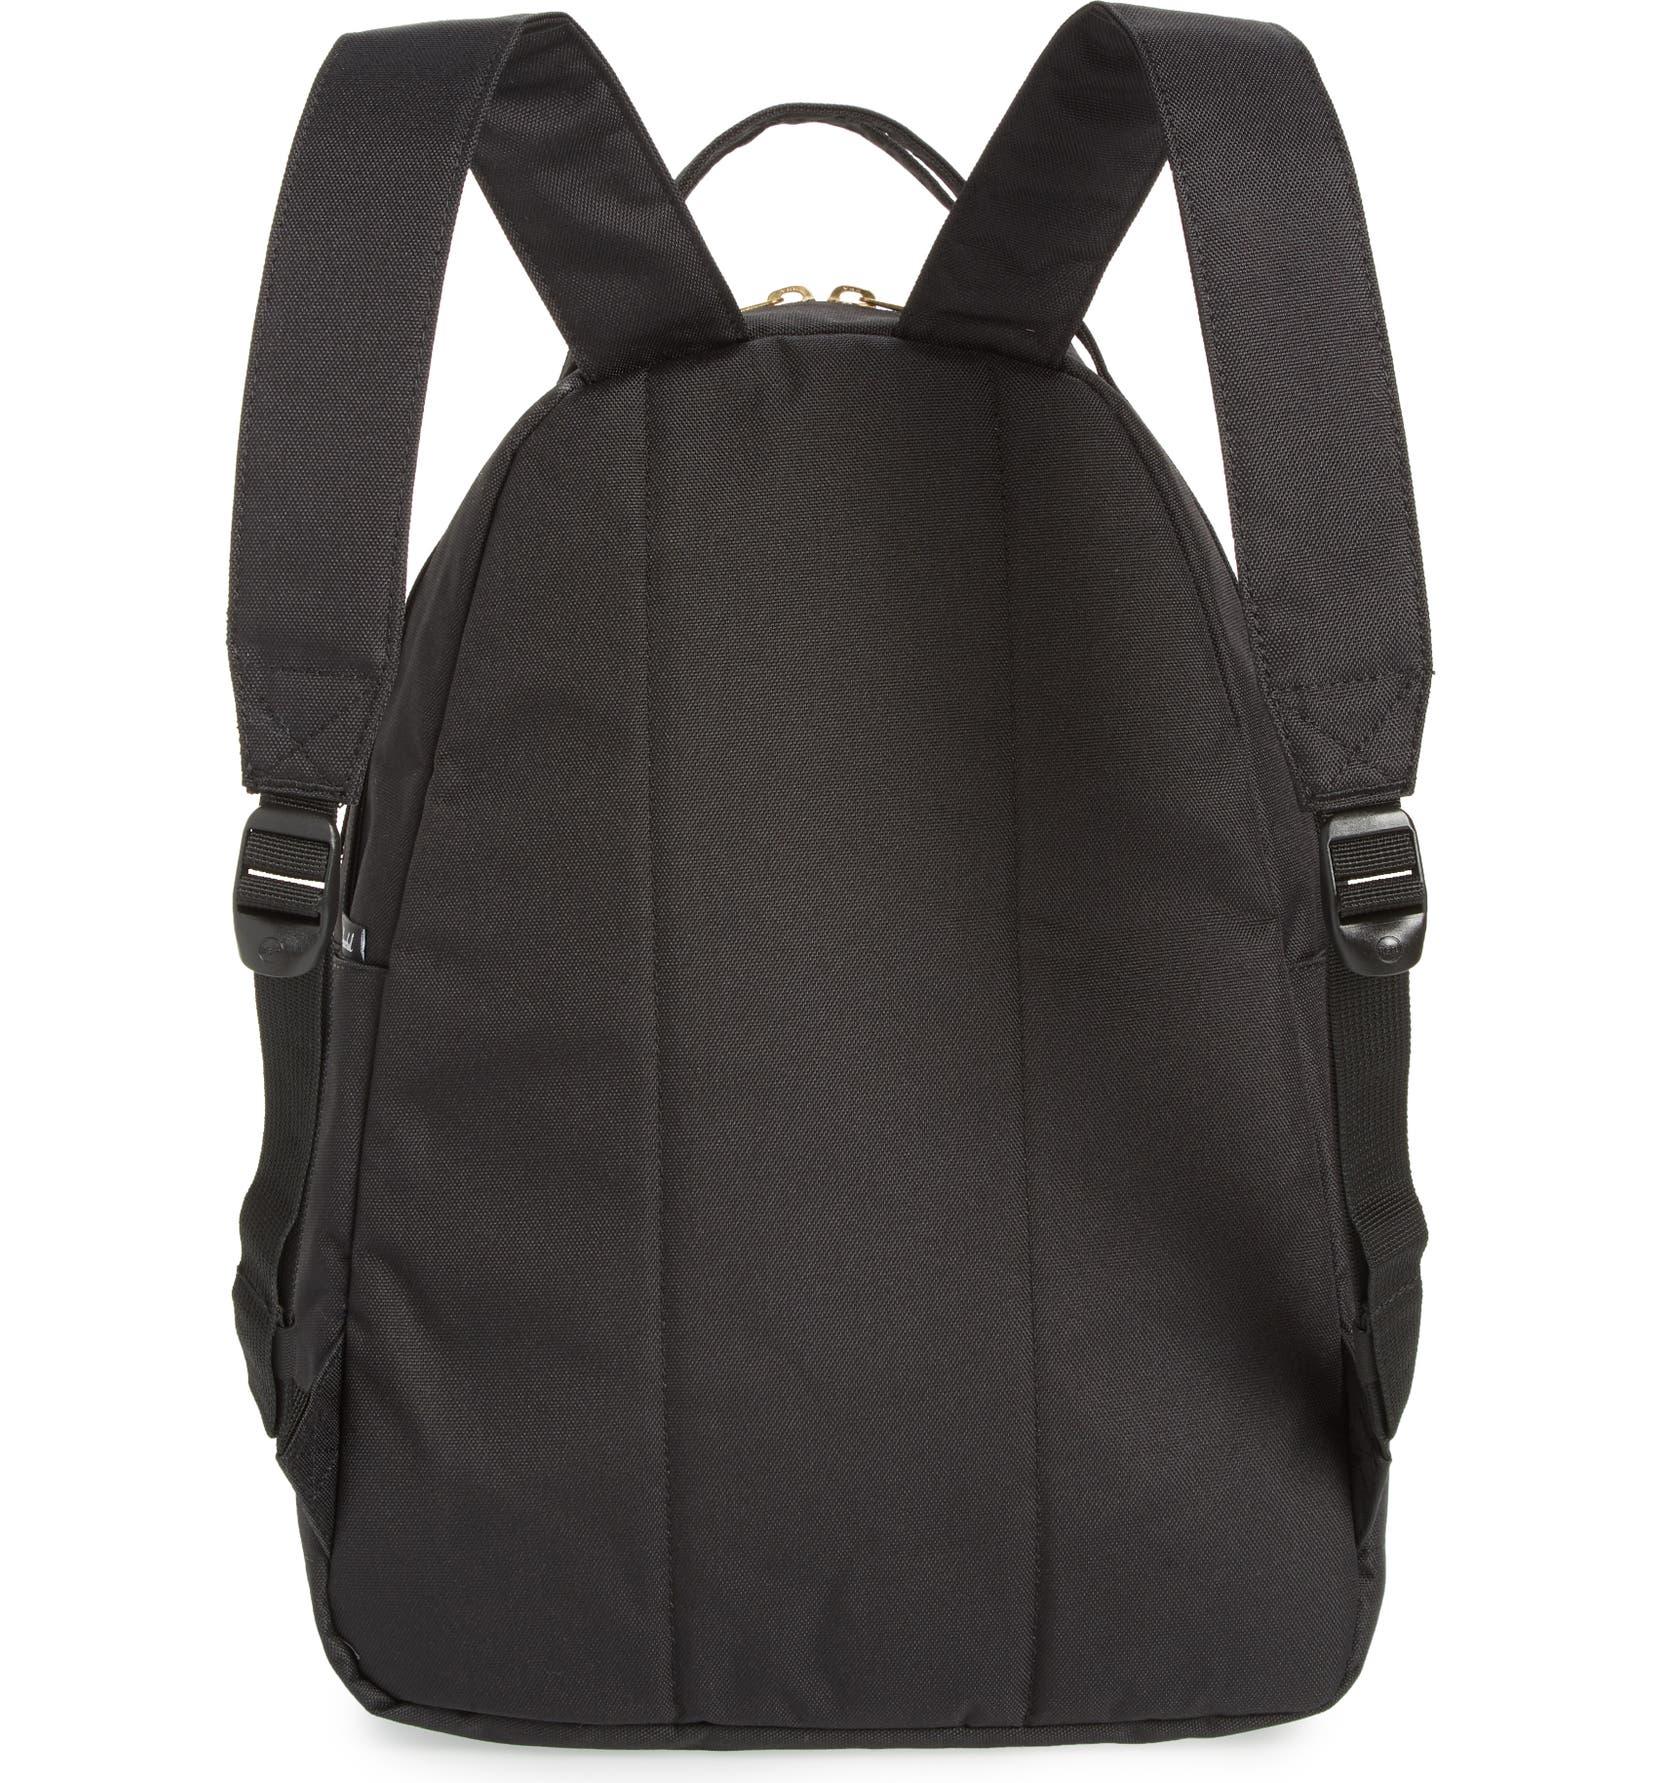 Herschel Supply Co. Nova Mid Volume Backpack  5d11b0c0d3da2